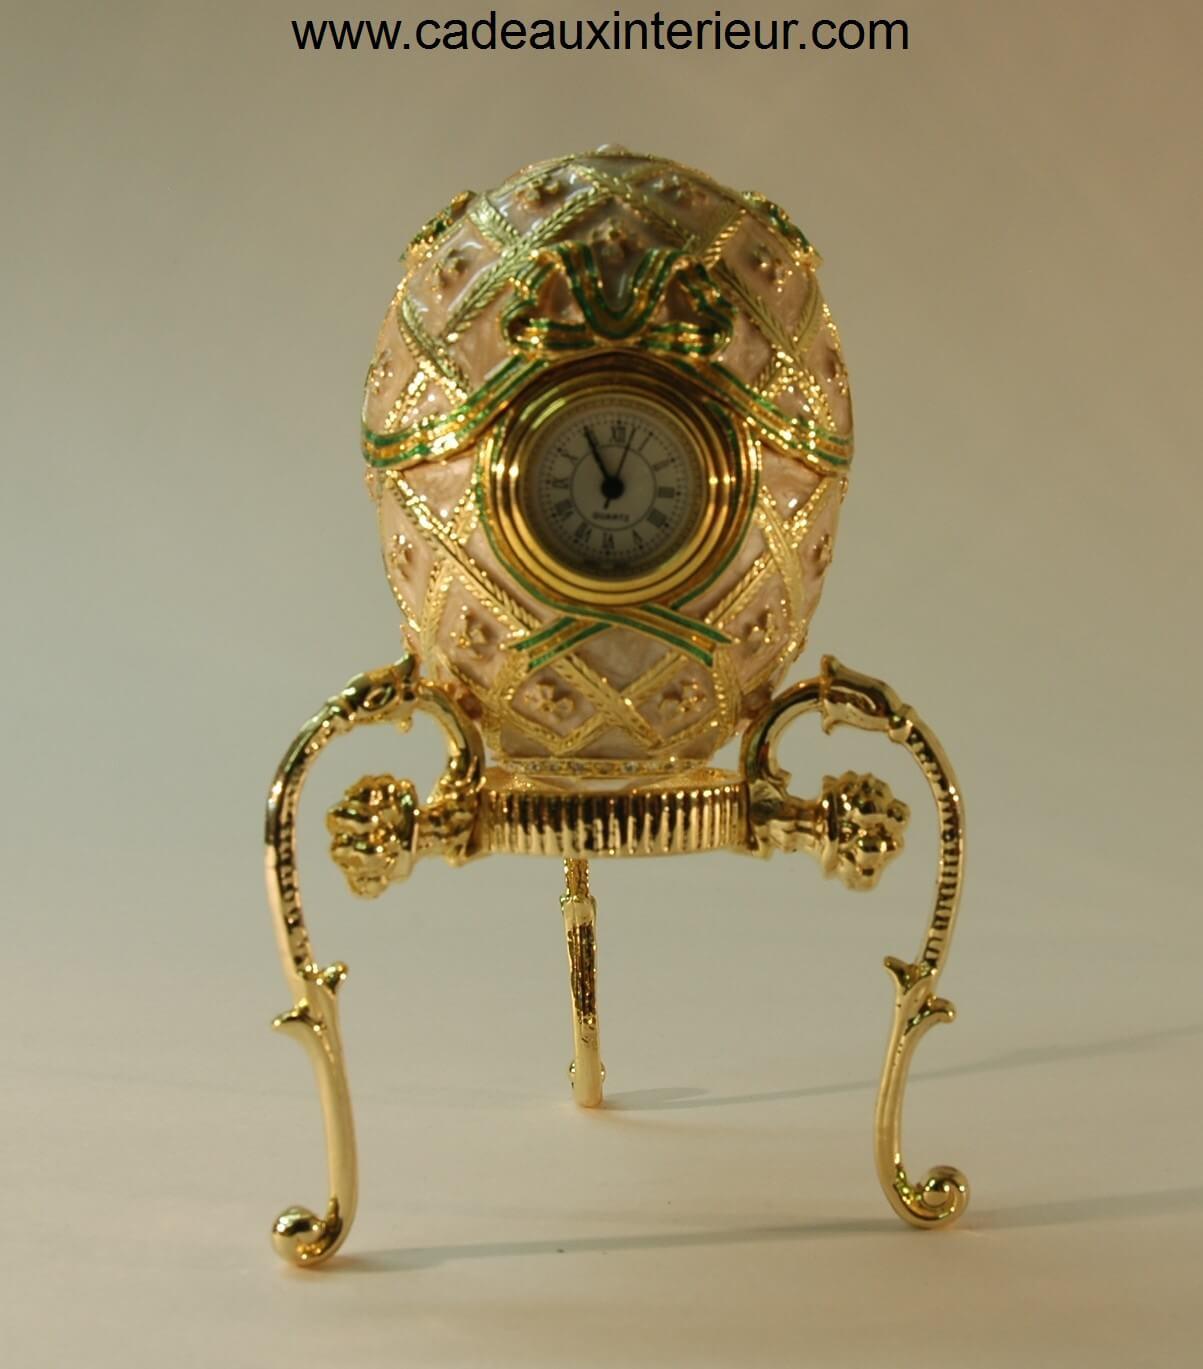 oeuf faberg l 39 uf du tsar avec son horloge cadeaux et int rieur. Black Bedroom Furniture Sets. Home Design Ideas